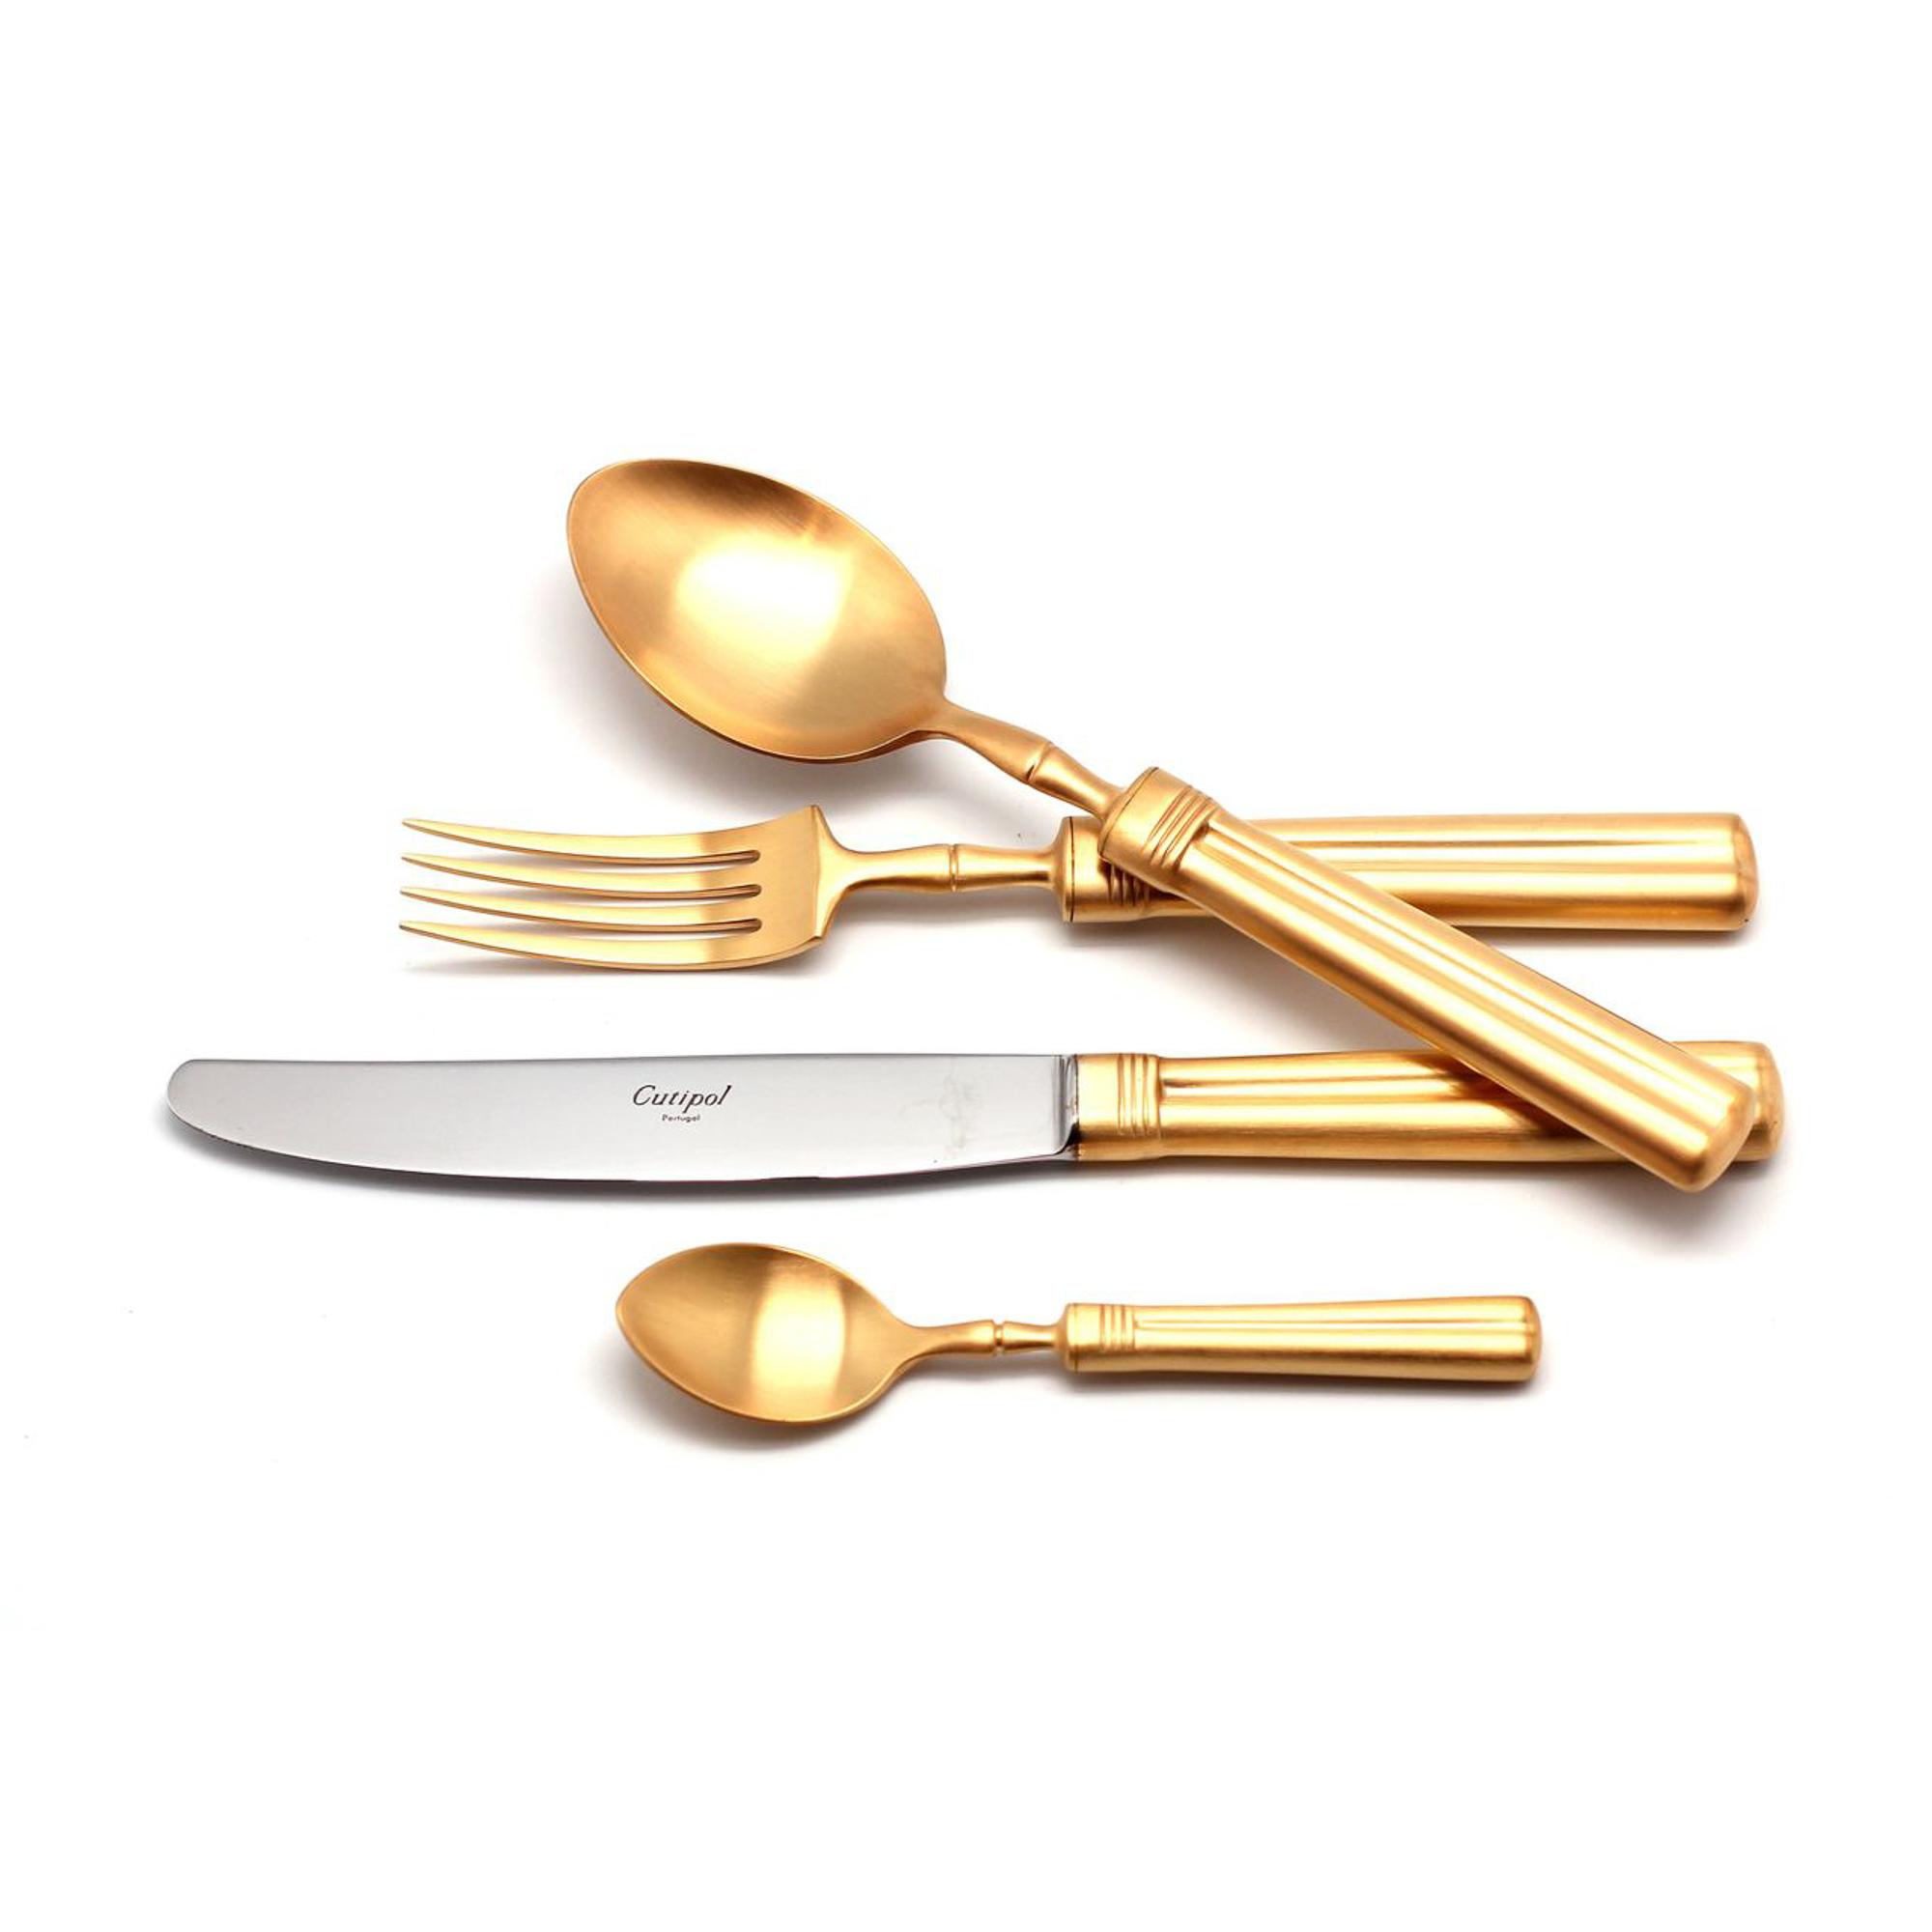 Столовый набор Cutipol FONTAINEBLEAU GOLD 72 предмета матовый набор столовых приборов cutipol fontainebleau gold из 72 х предметов 9162 72